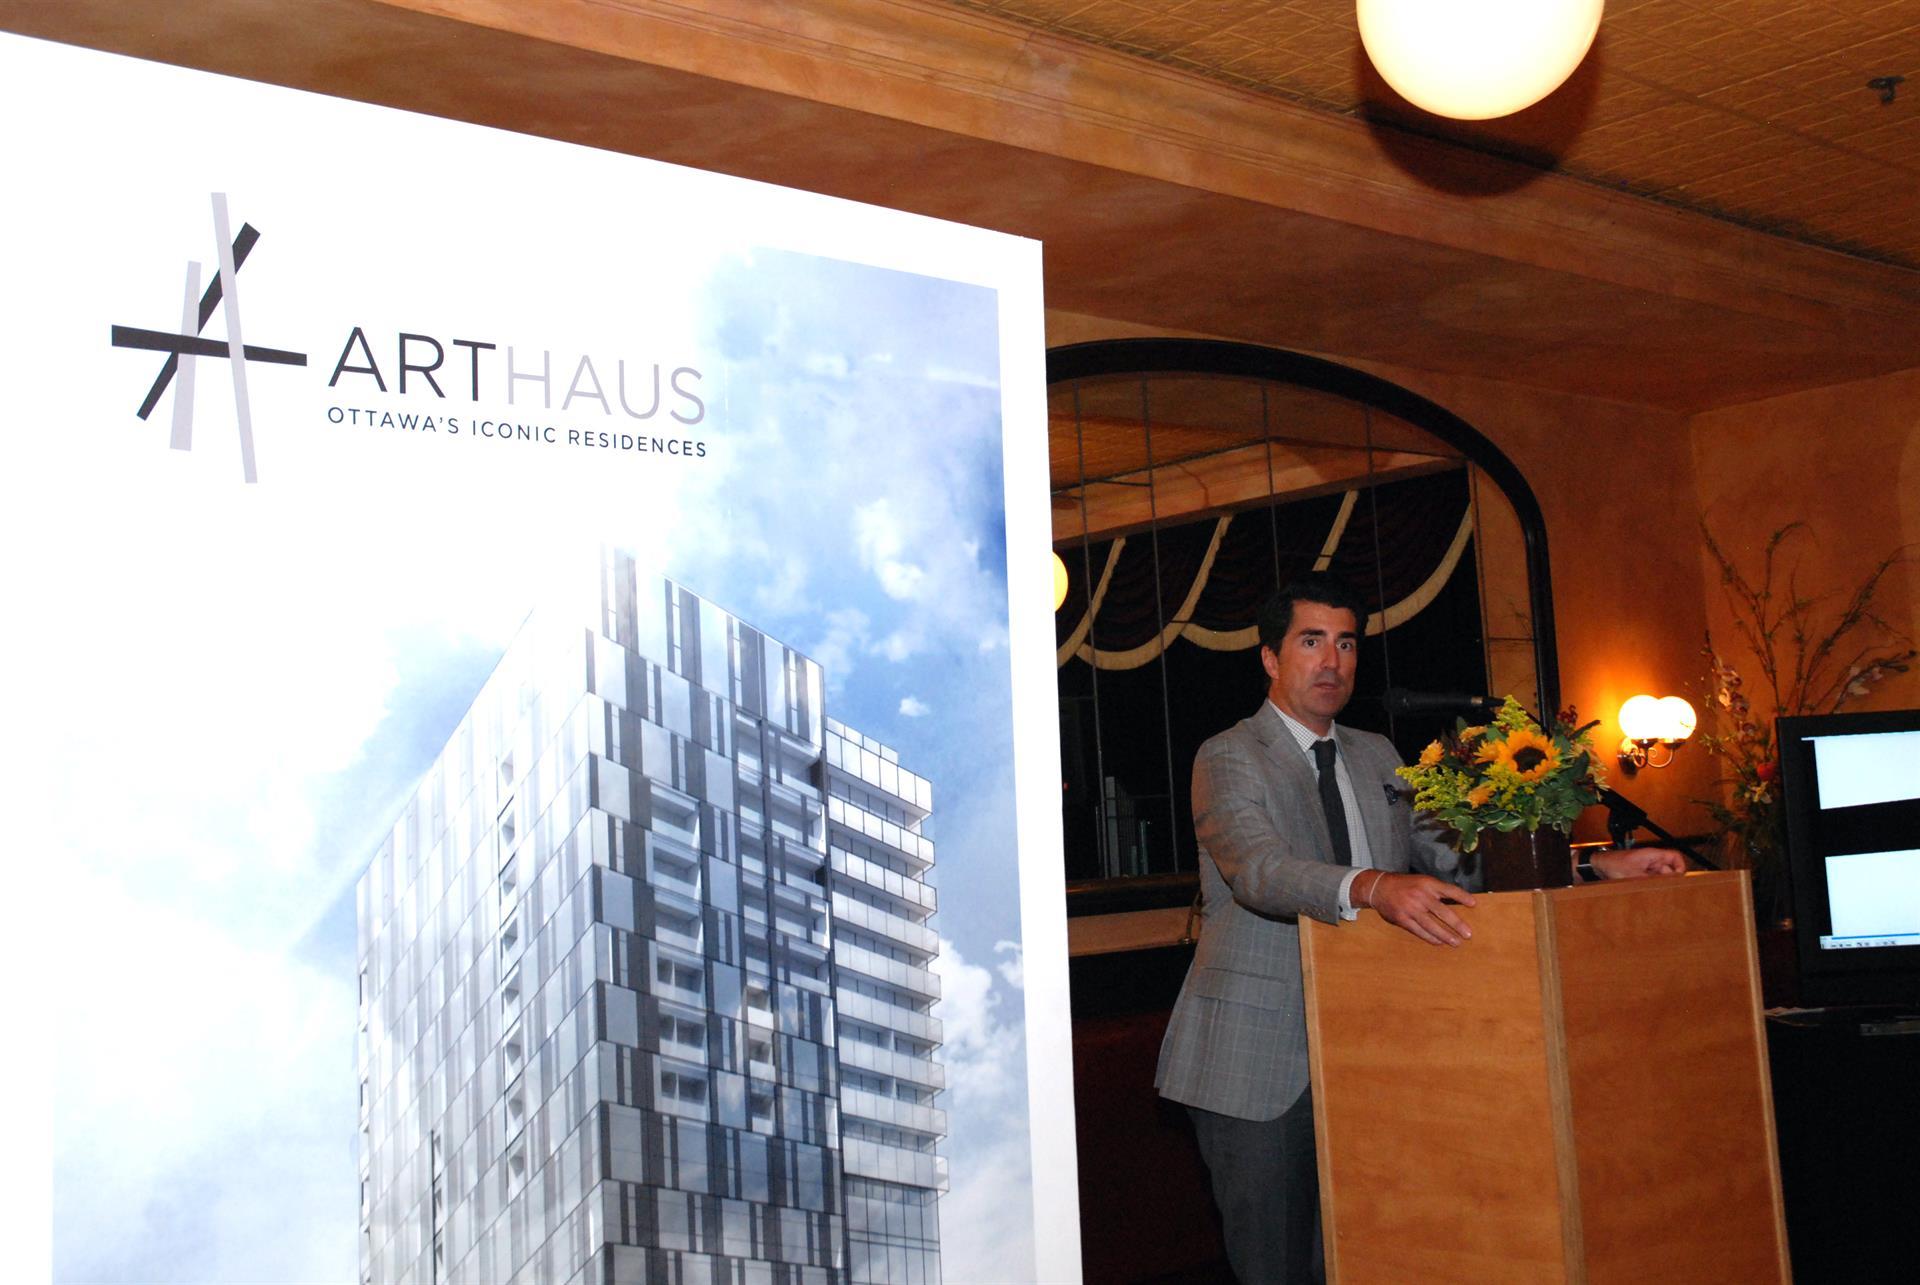 DevMcGill reveals Arthaus branding for new landmark tower in Ottawa Image